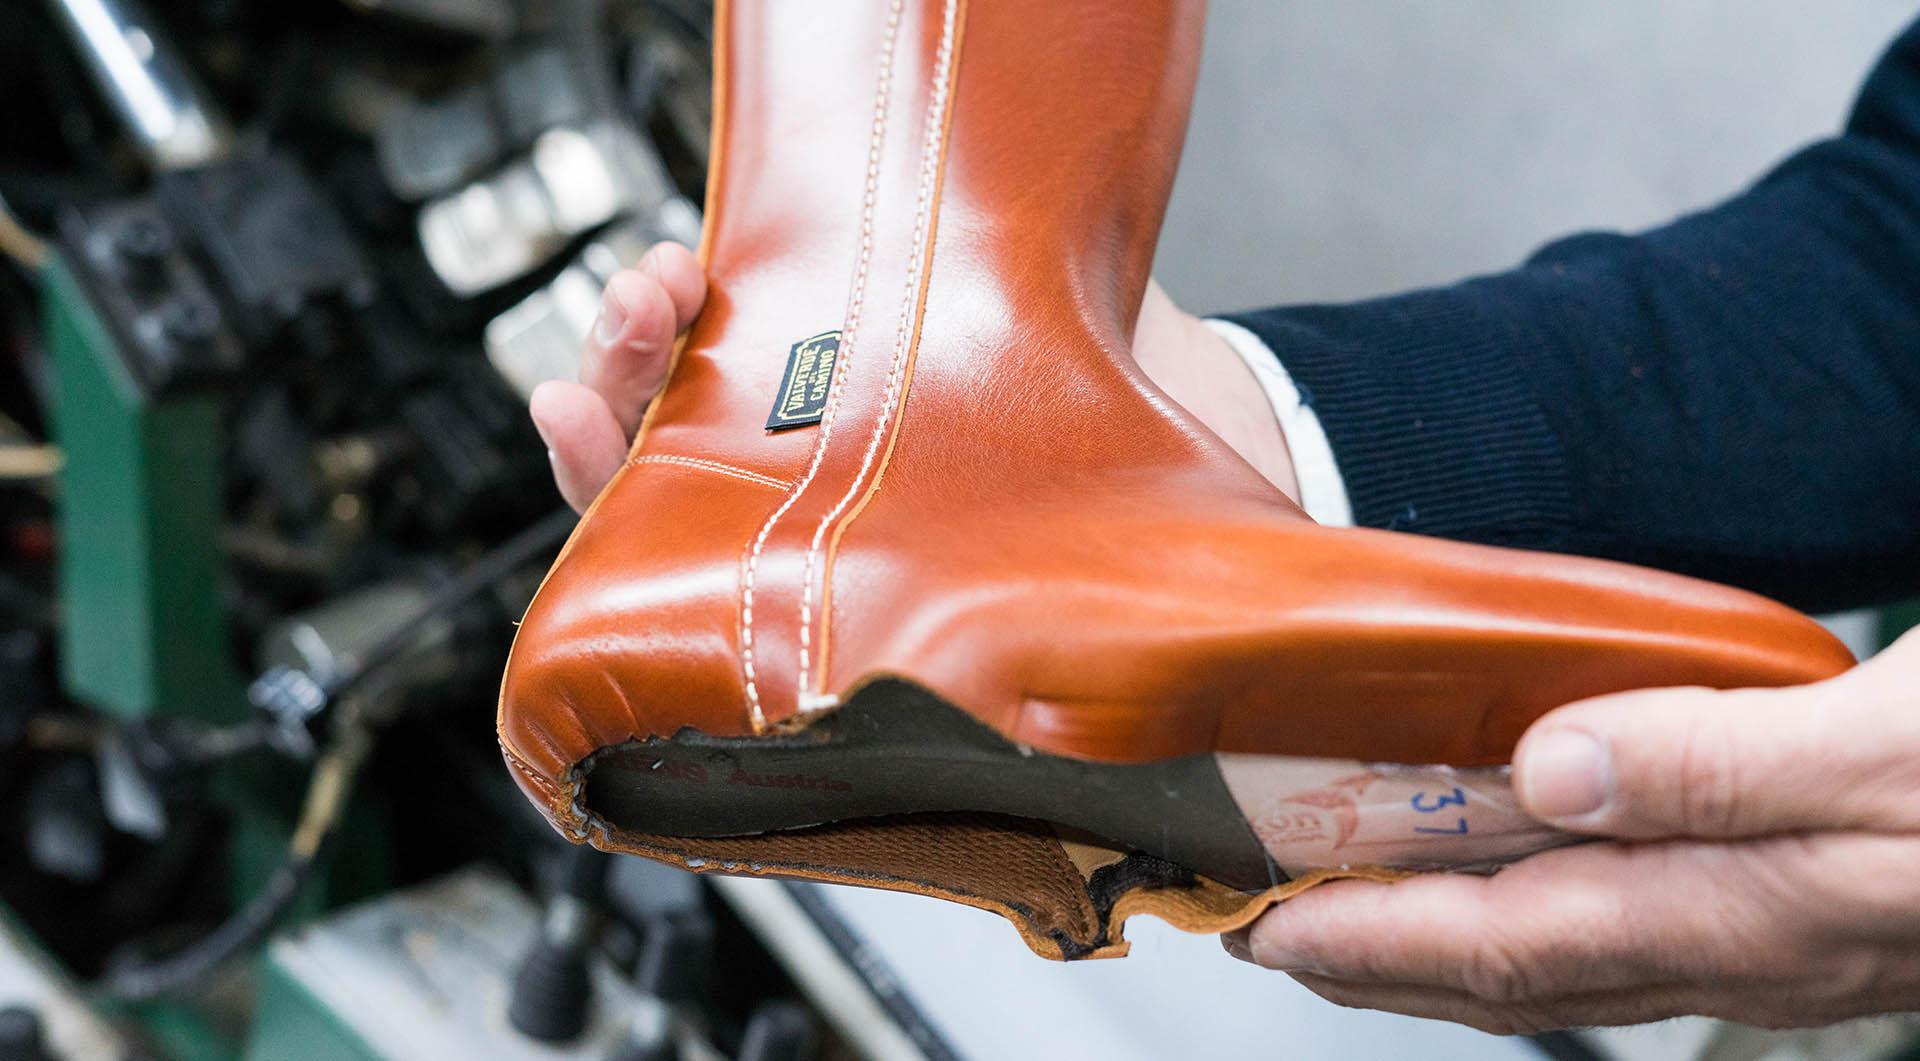 """Cómo reconocer un calzado o producto de marroquinería con marca de garantía """"Valverde del Camino"""""""